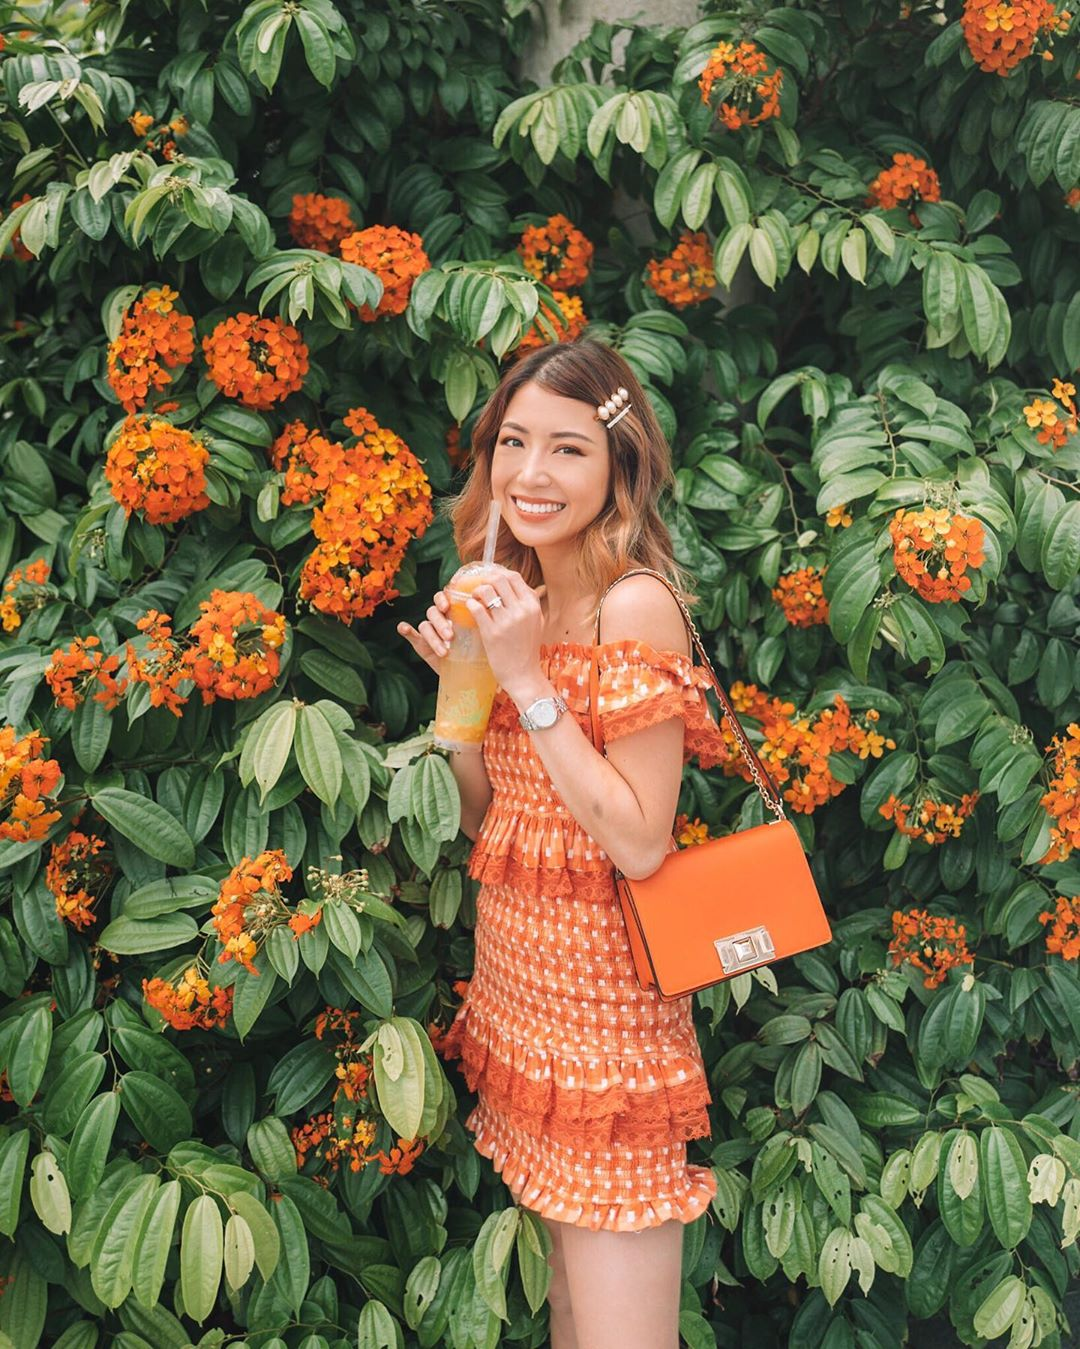 Váy trễ vai ngắn ôm sát nhún bèo màu cam, túi xách cam